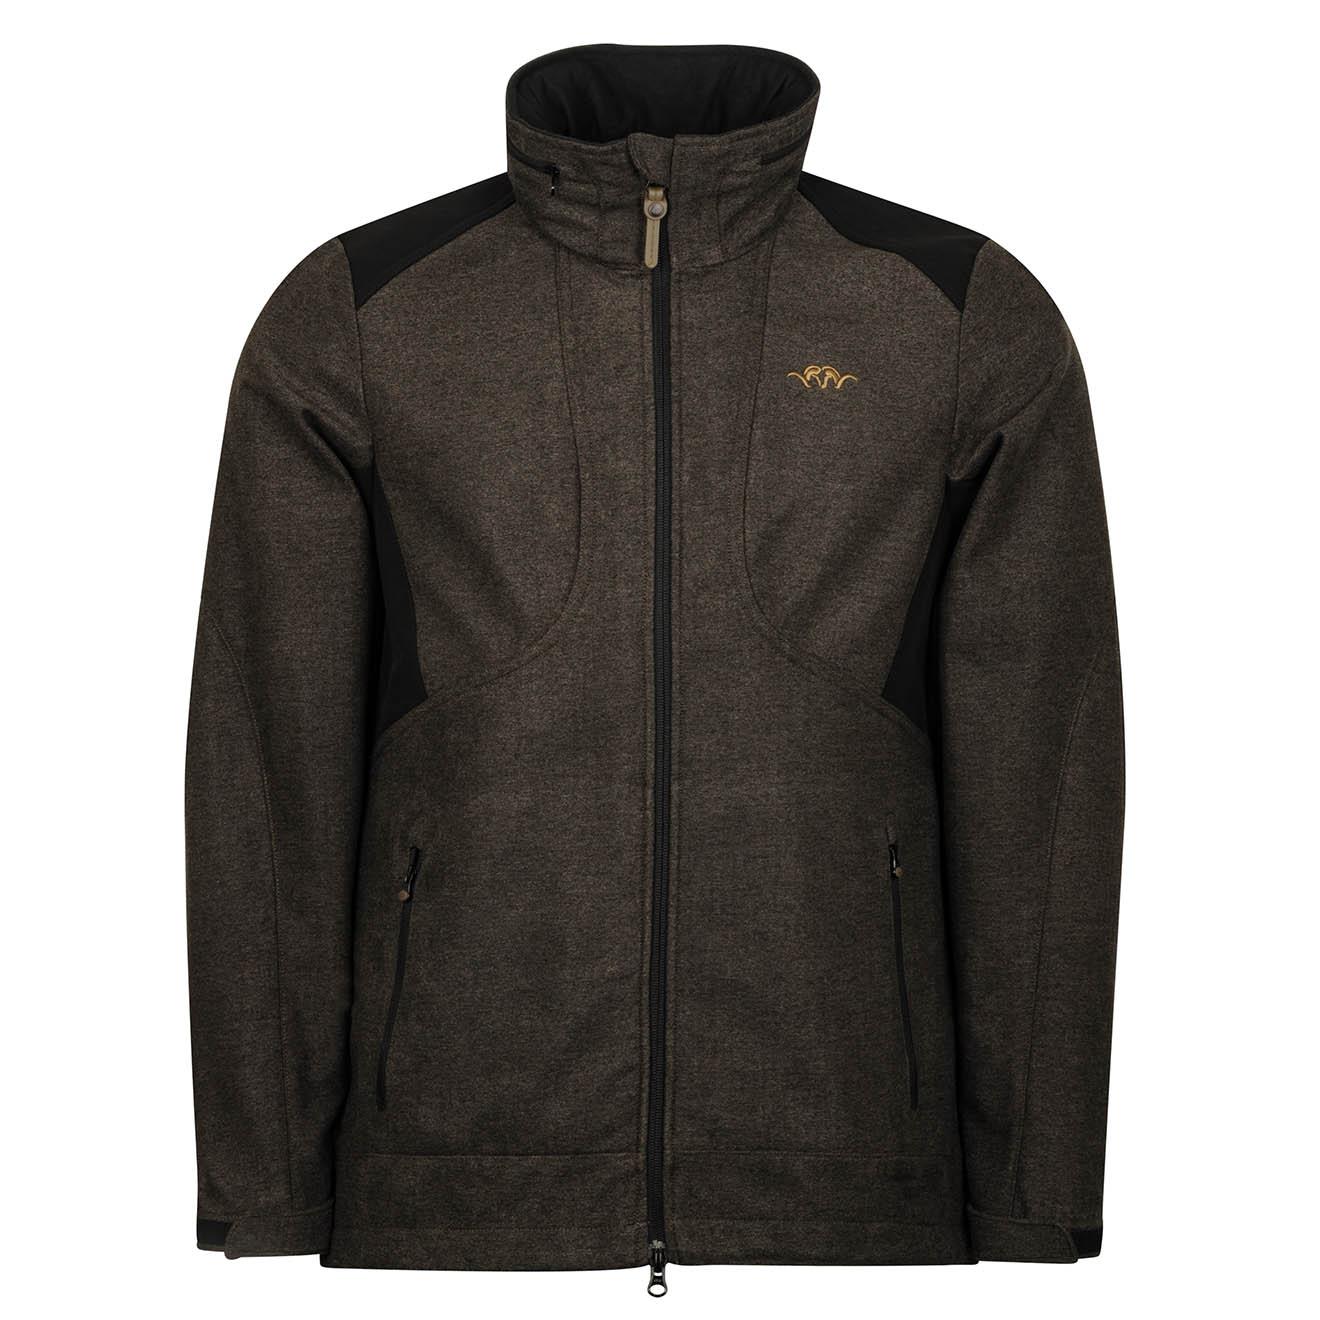 New Blaser Vintage Softshell Jacket Brown Melange